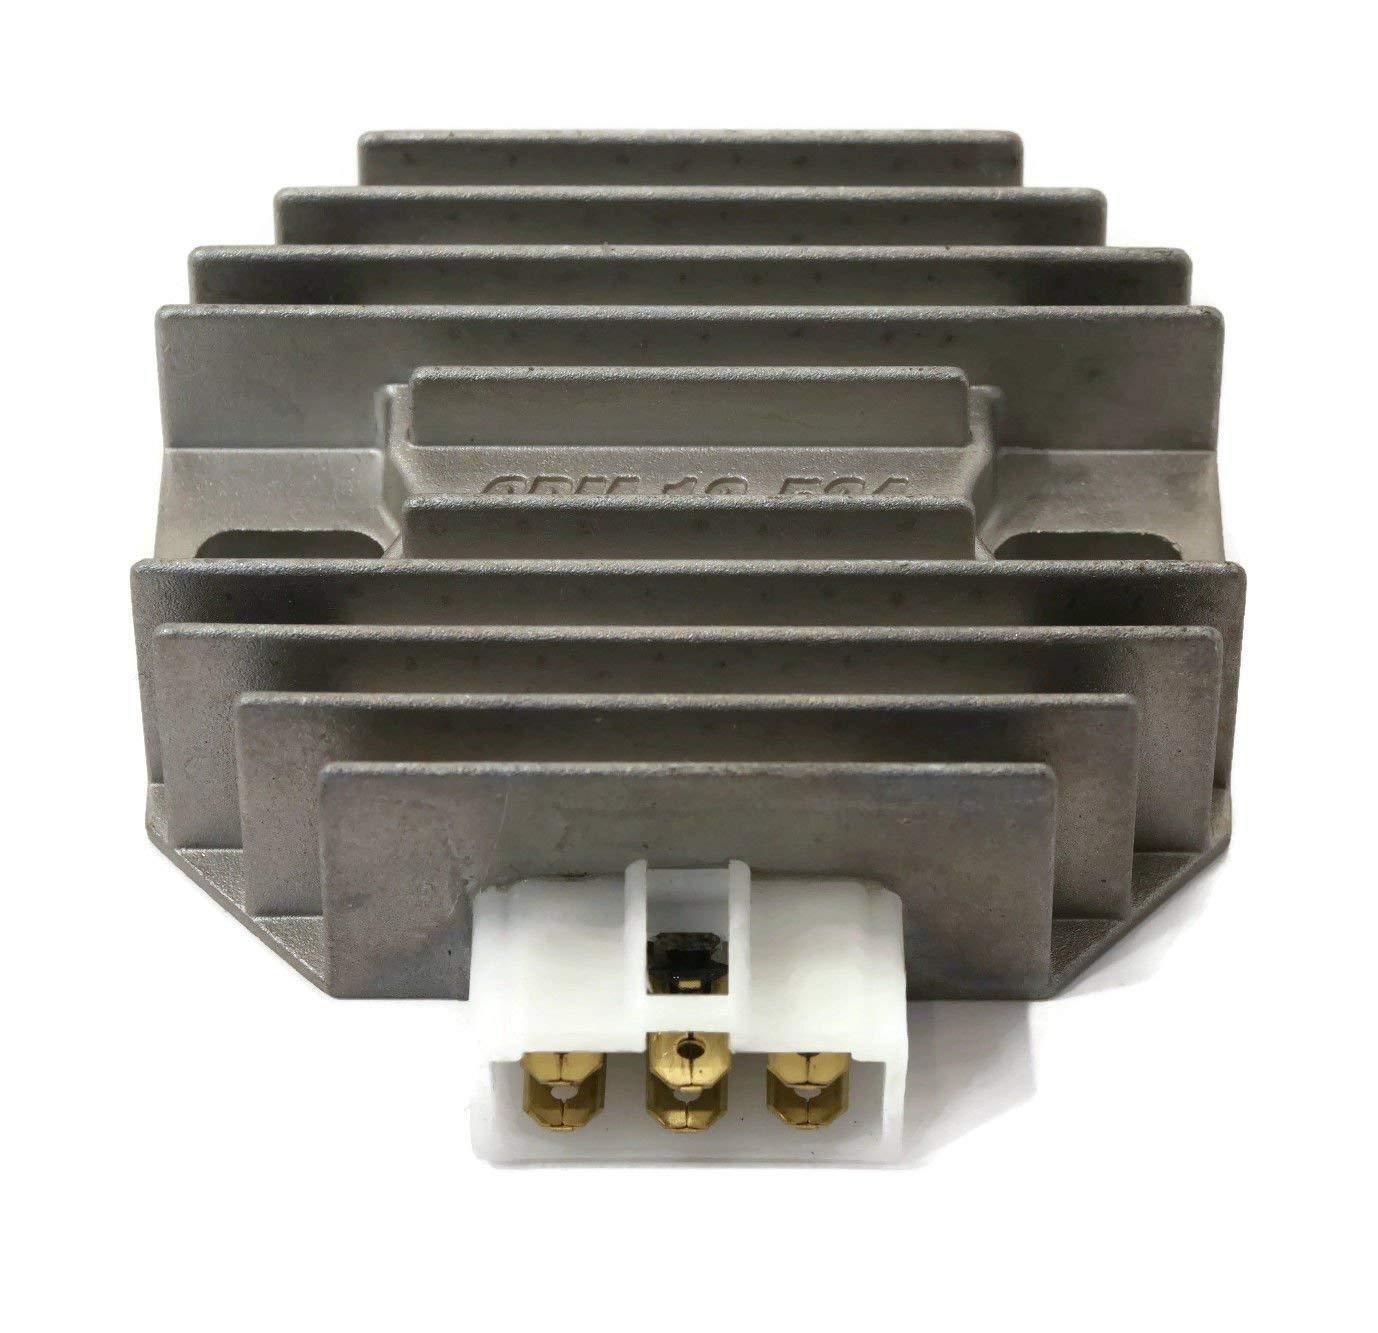 Get Quotations · New VOLTAGE REGULATOR RECTIFIER fits Kawasaki FD590V  FD611V FD620D FD661D FD671D by The ROP Shop